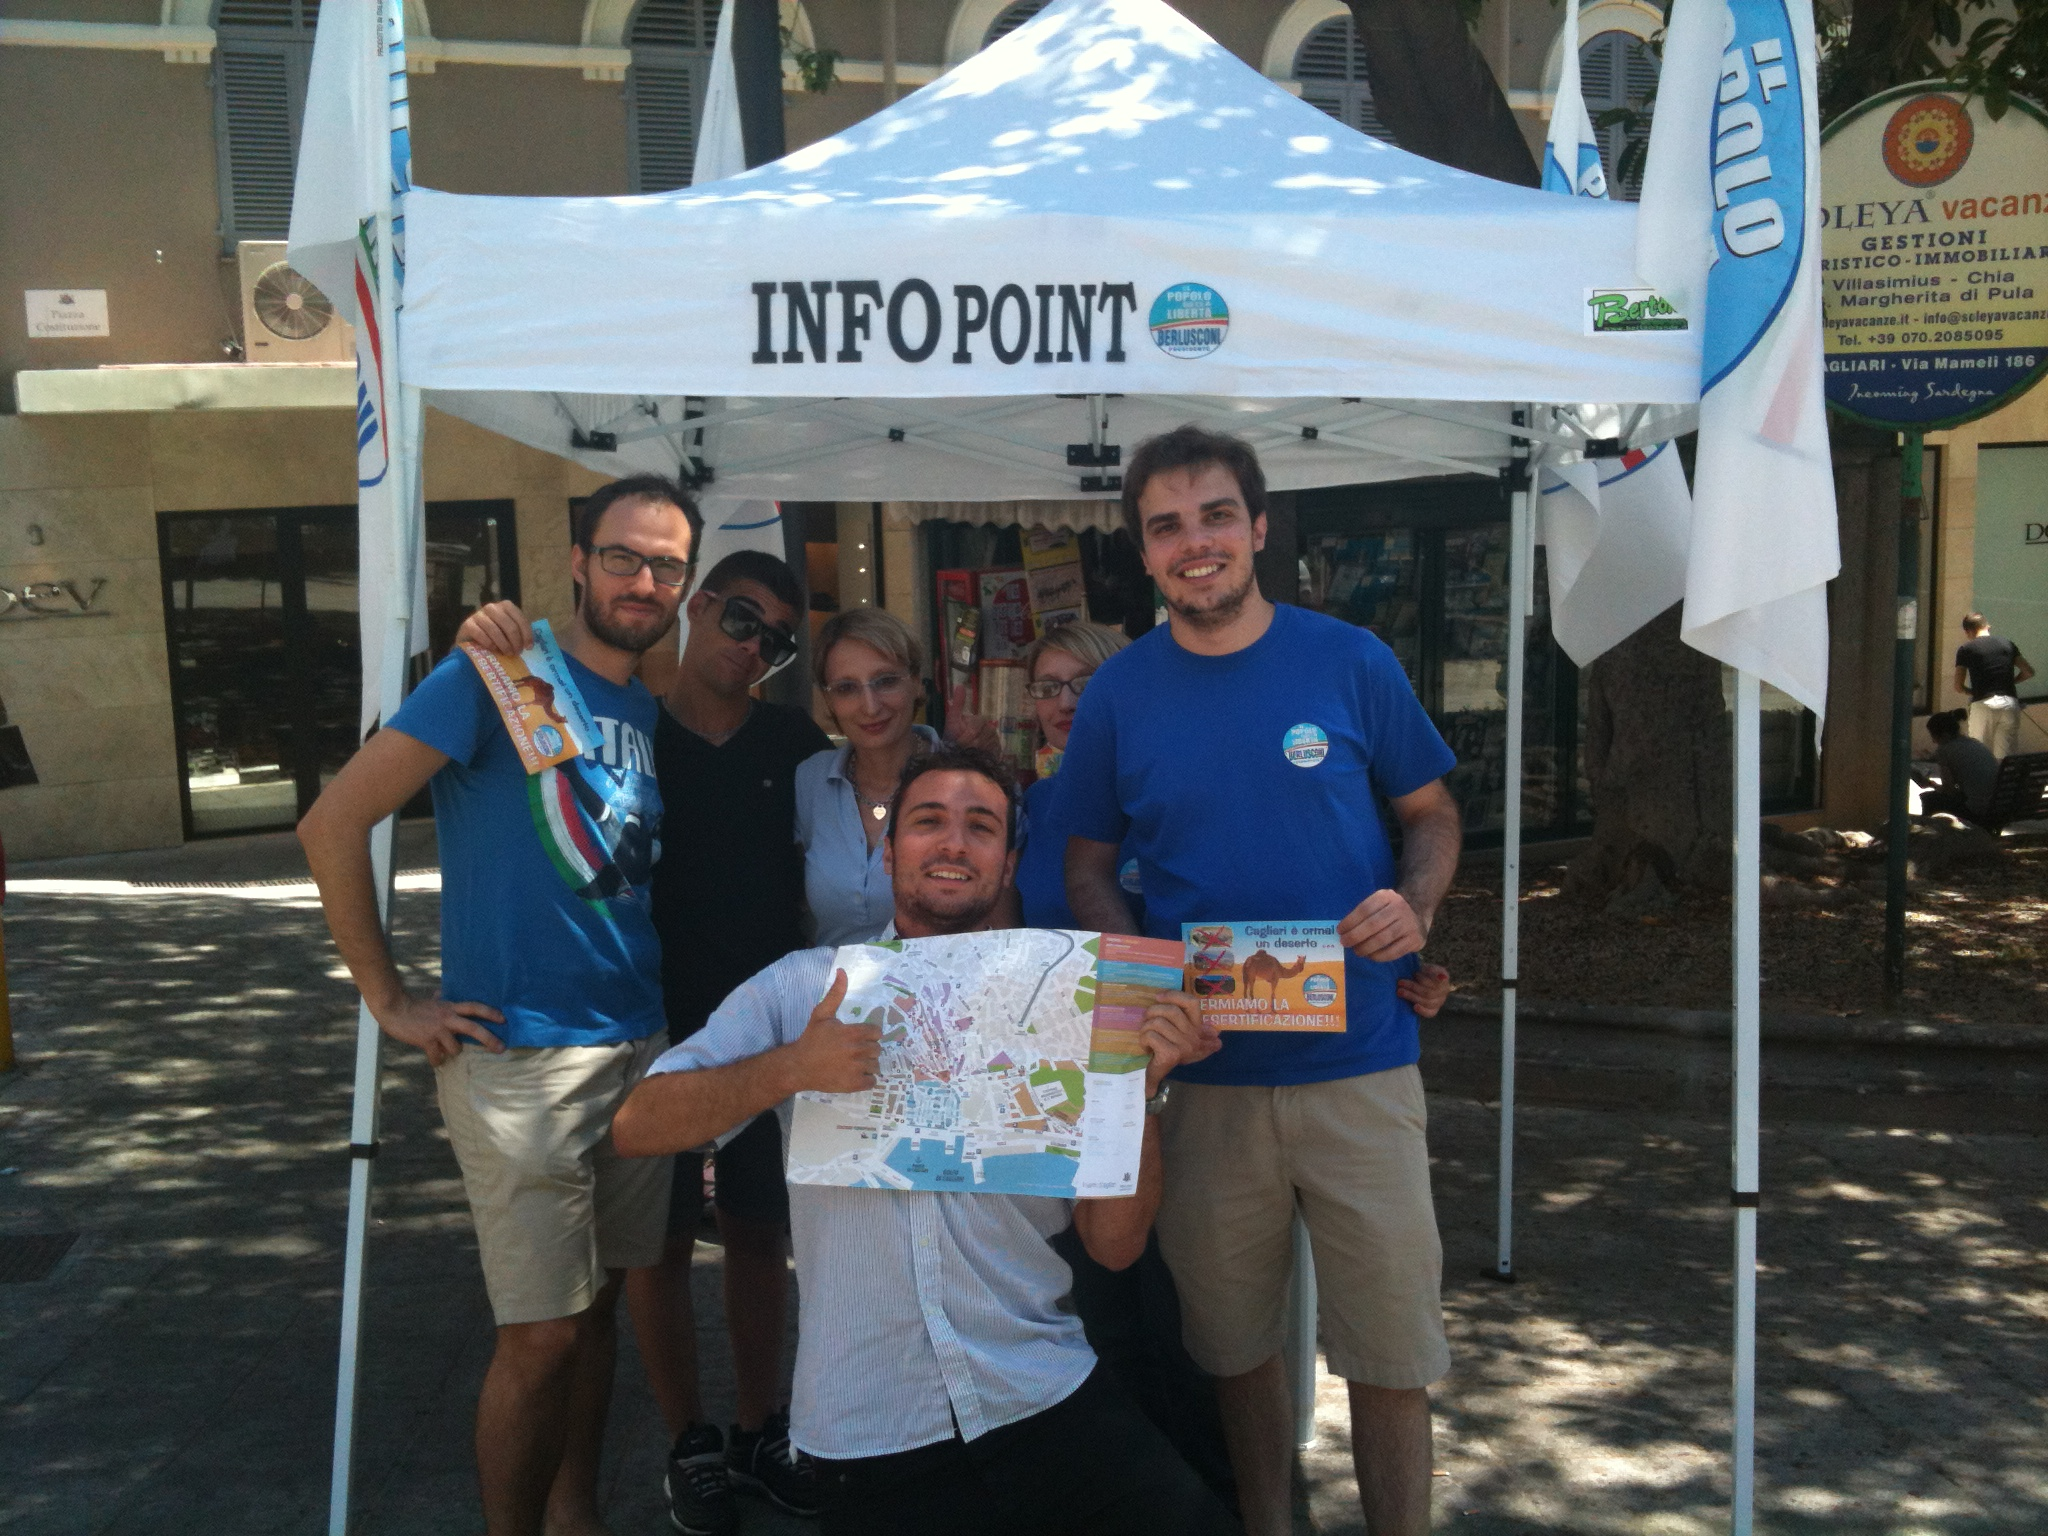 Infopoind PDL in Cagliari